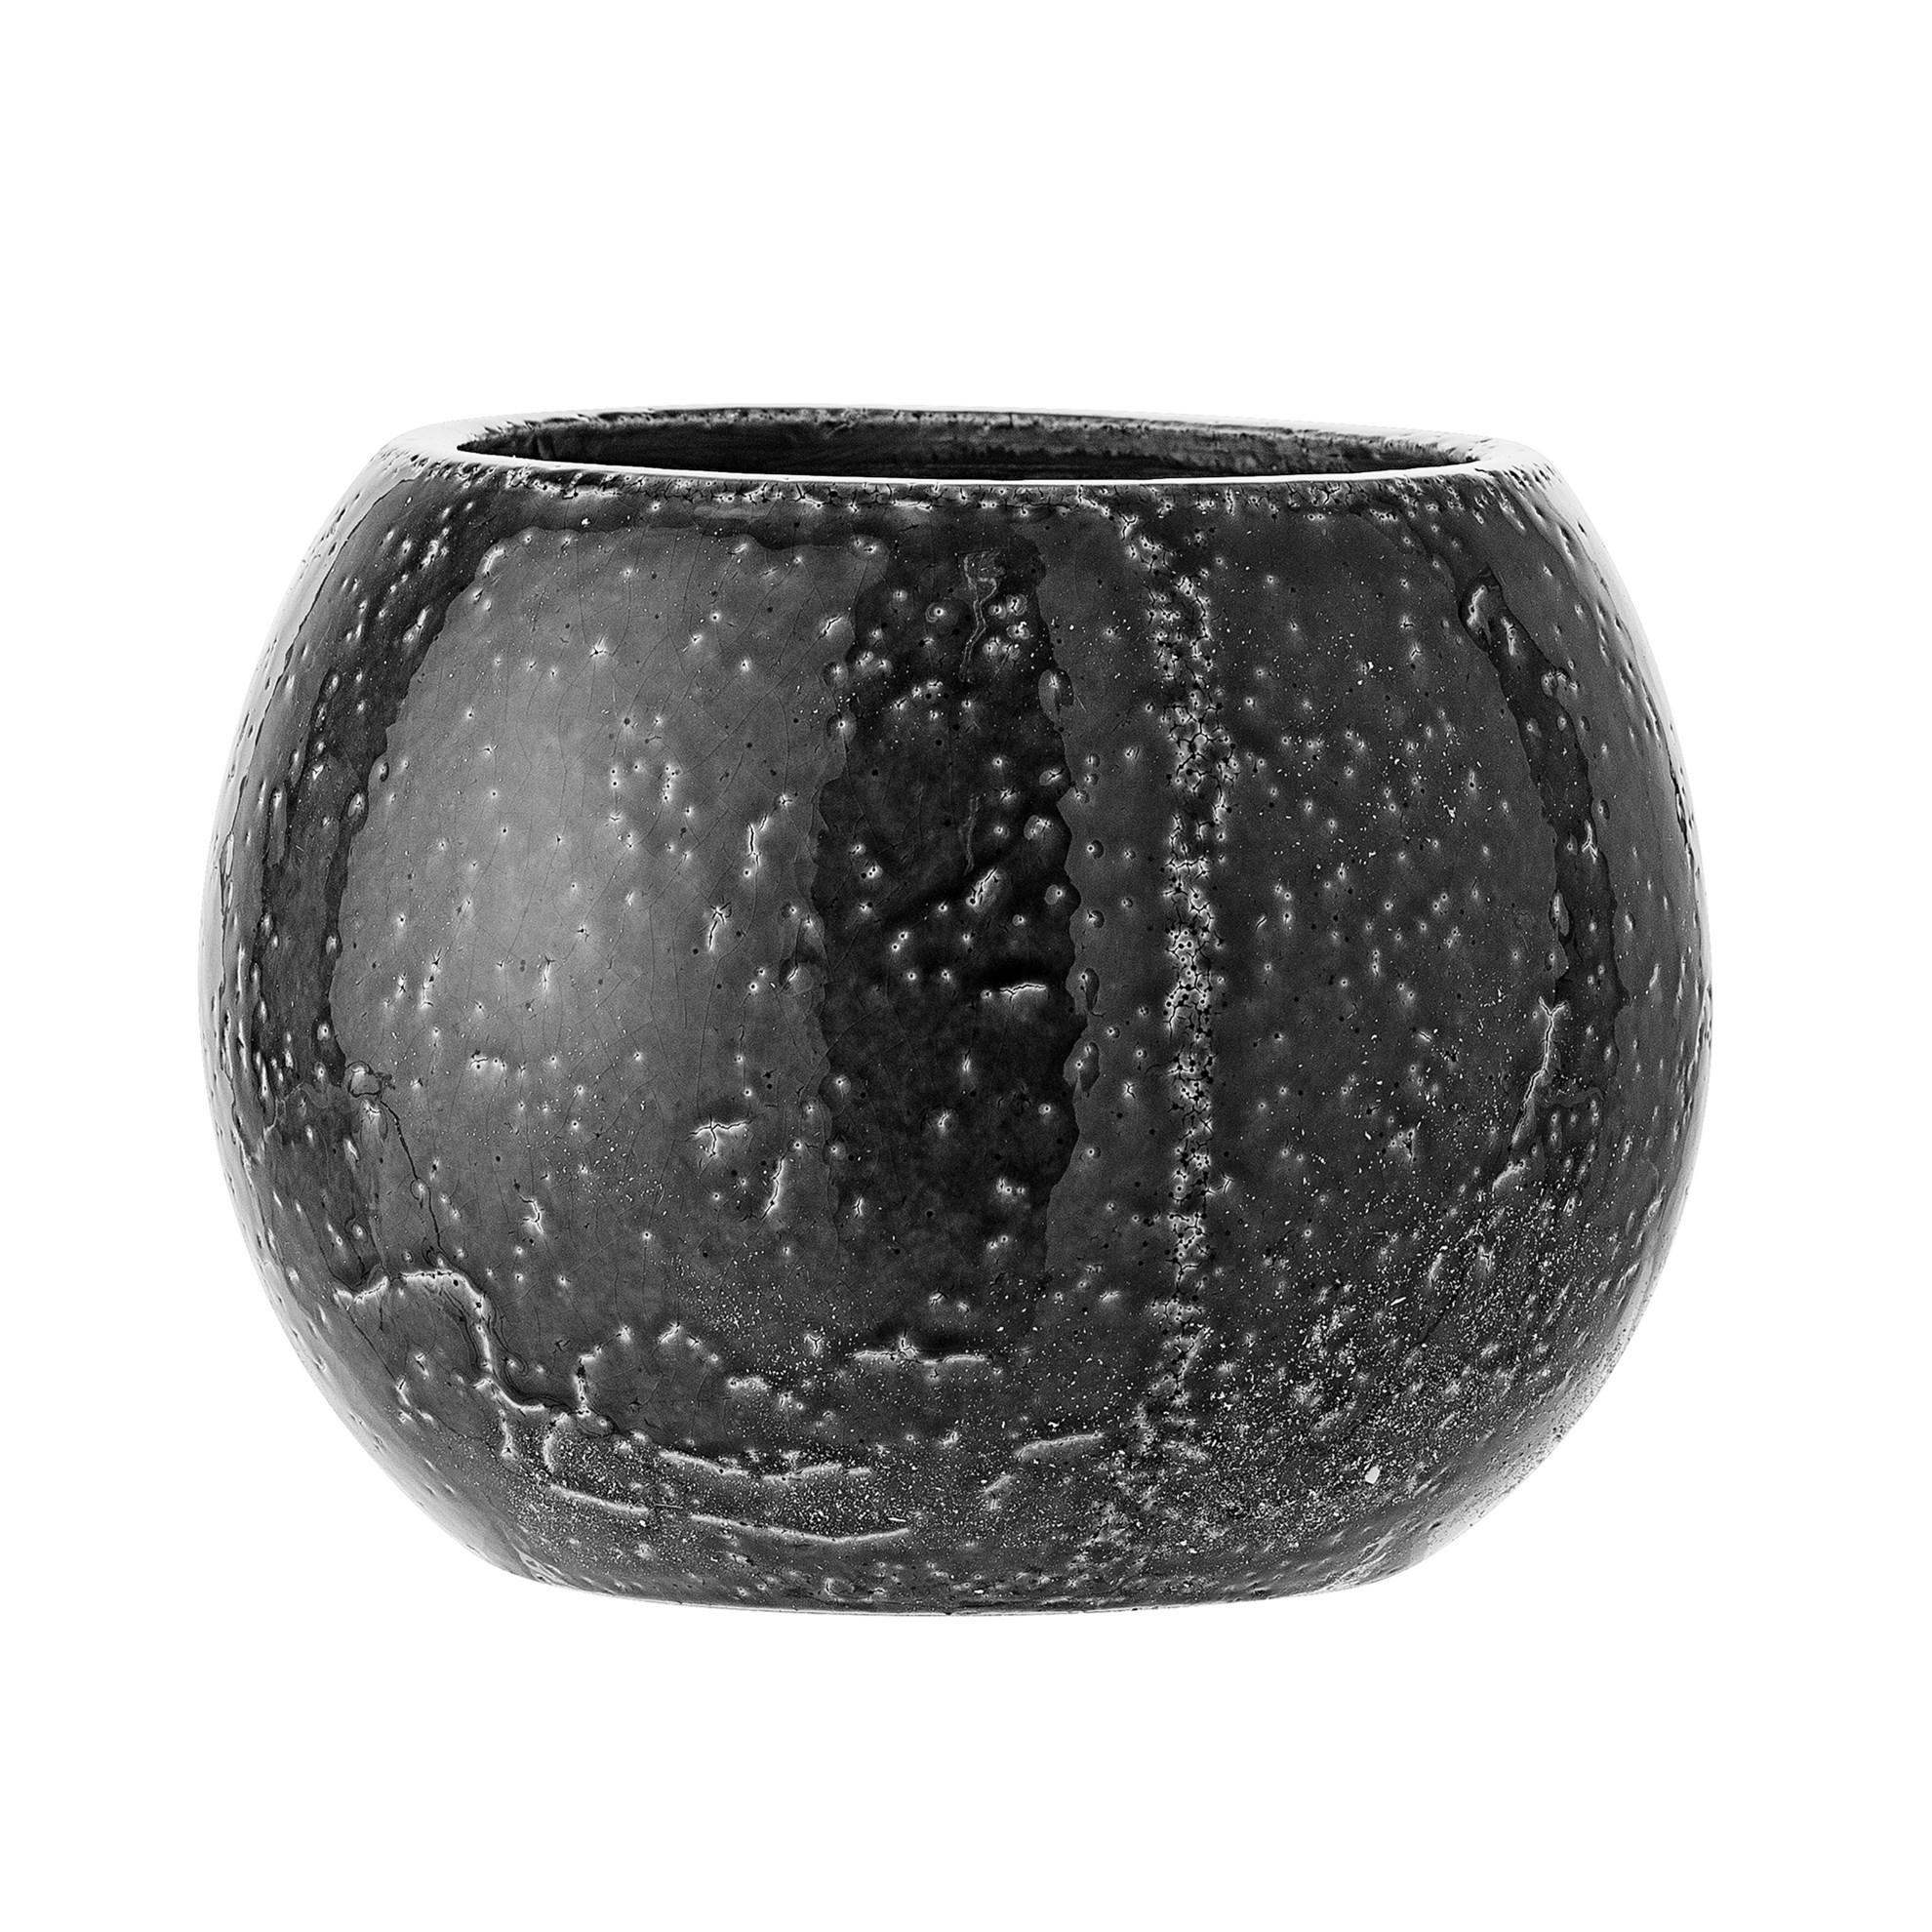 Kameninový květináč tmavě šedý, P.23 cm_1